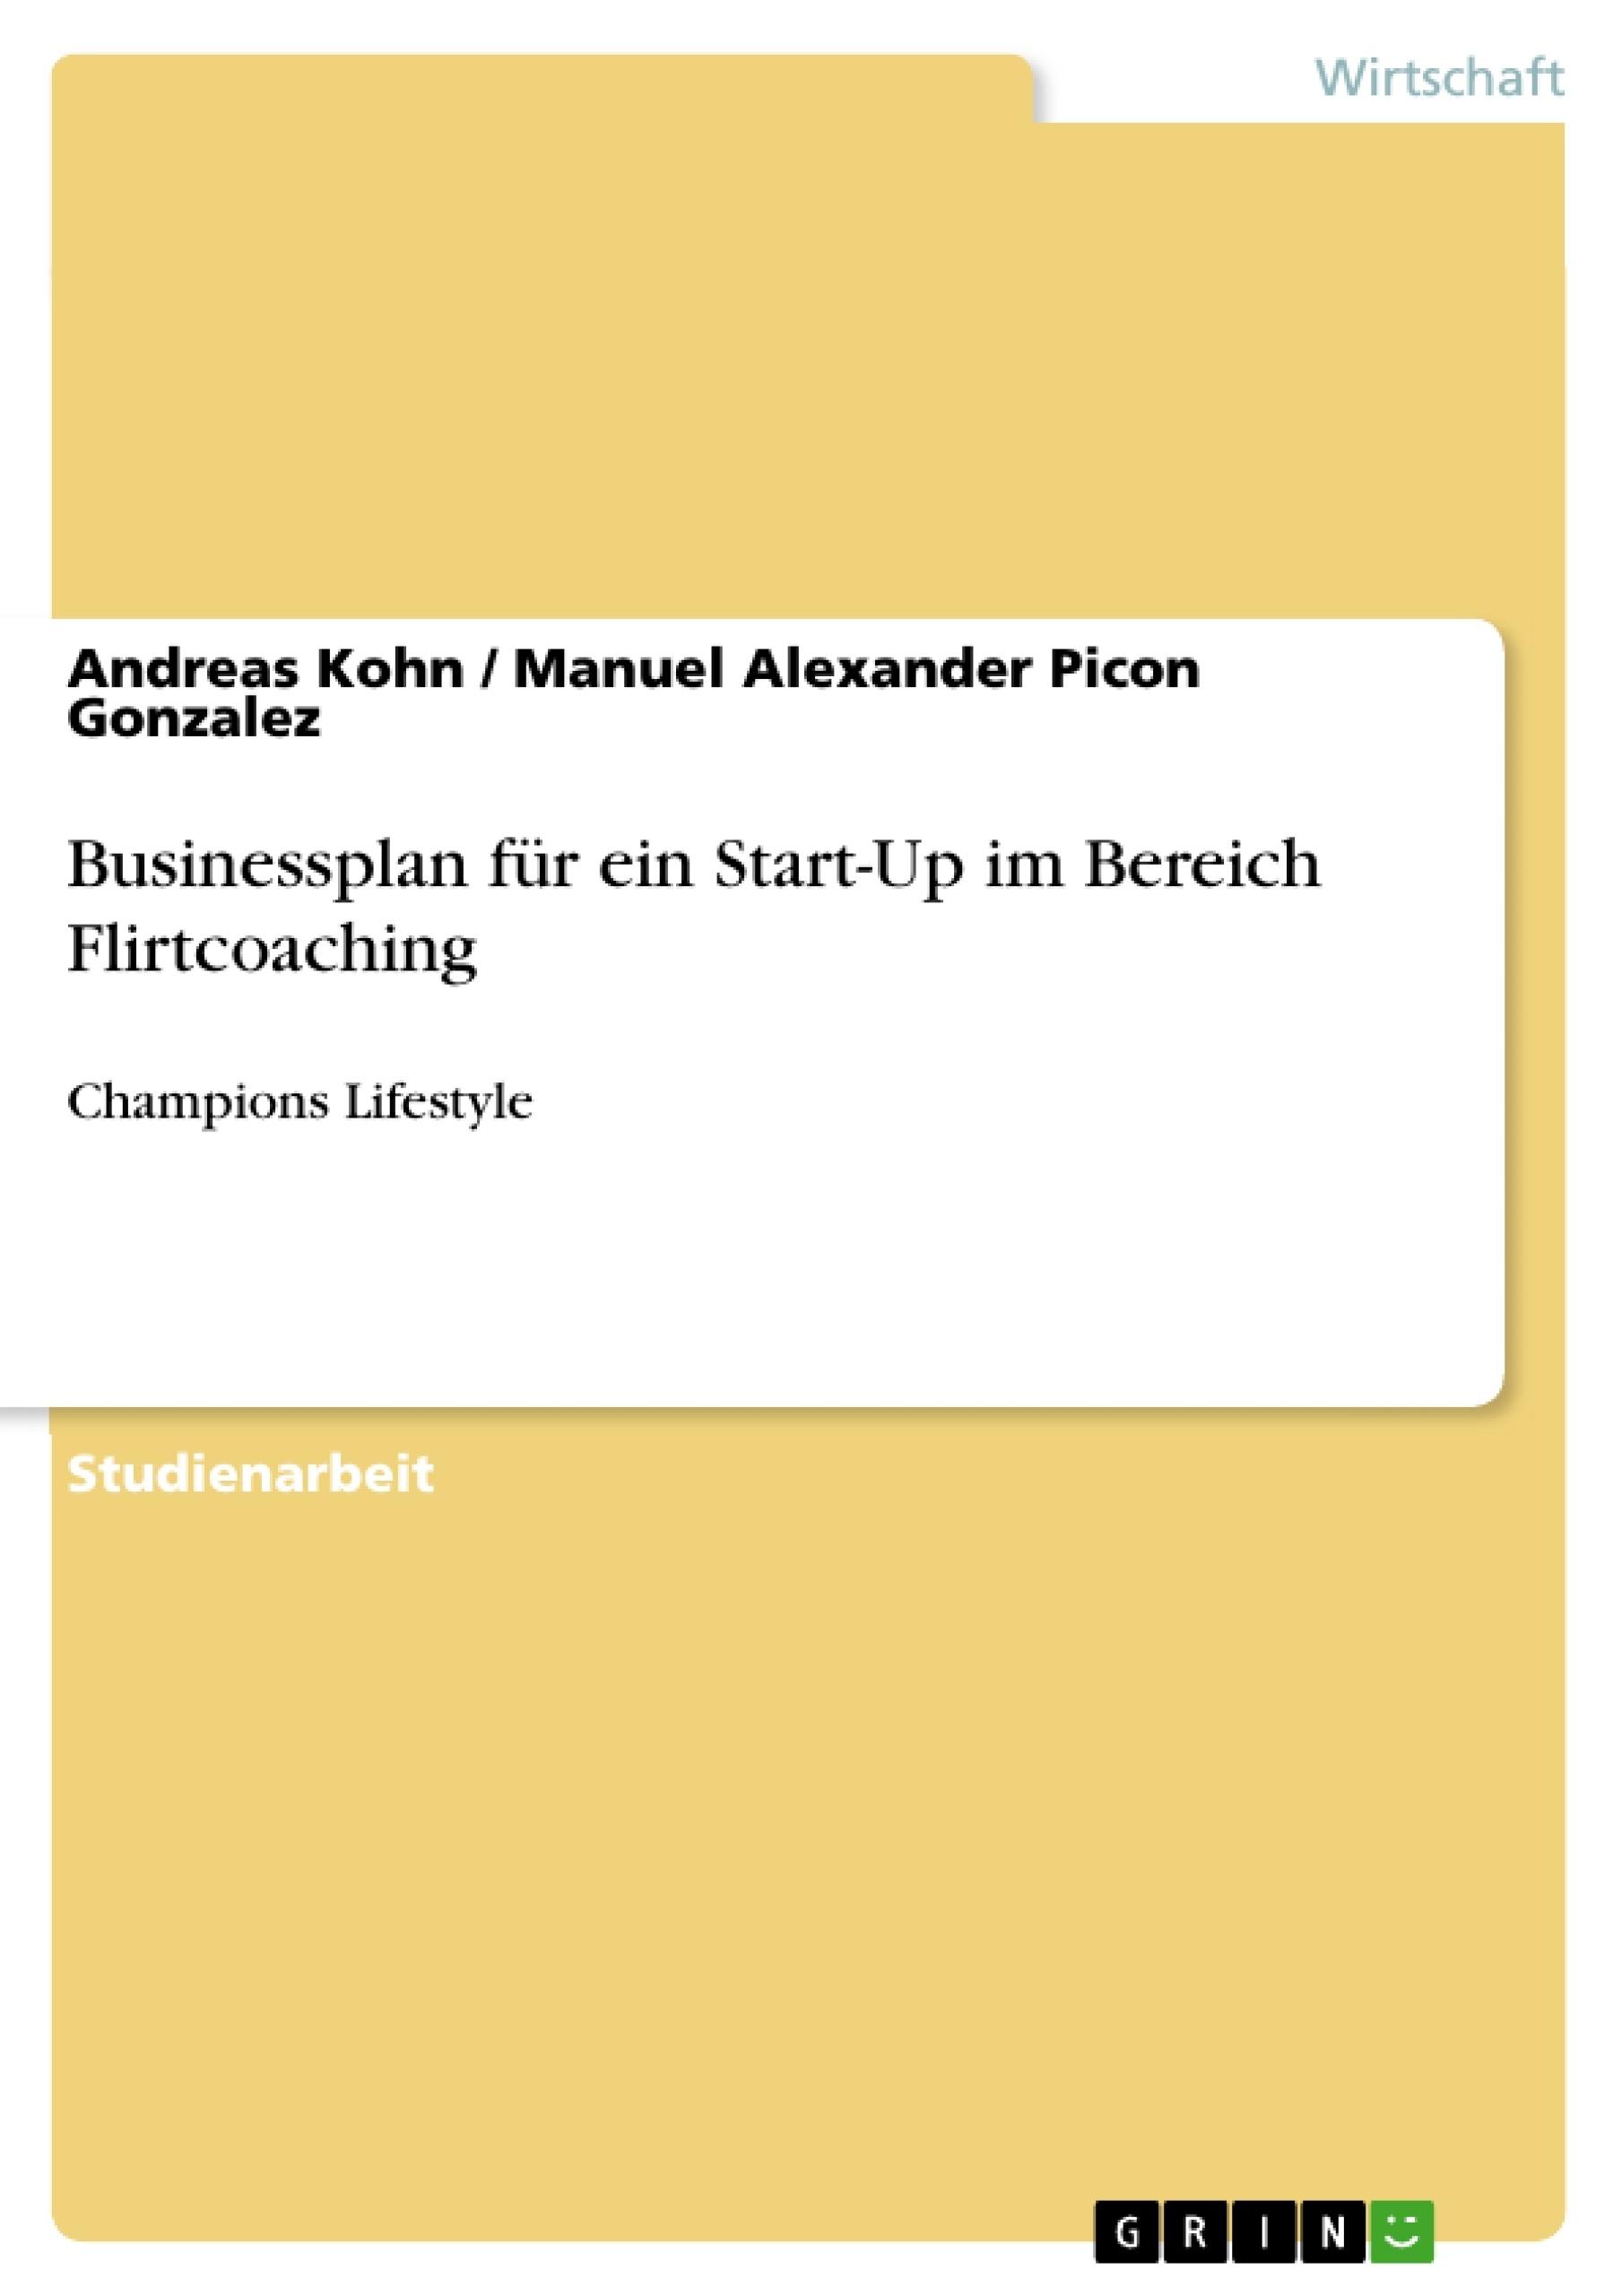 Titel: Businessplan für ein Start-Up im Bereich Flirtcoaching